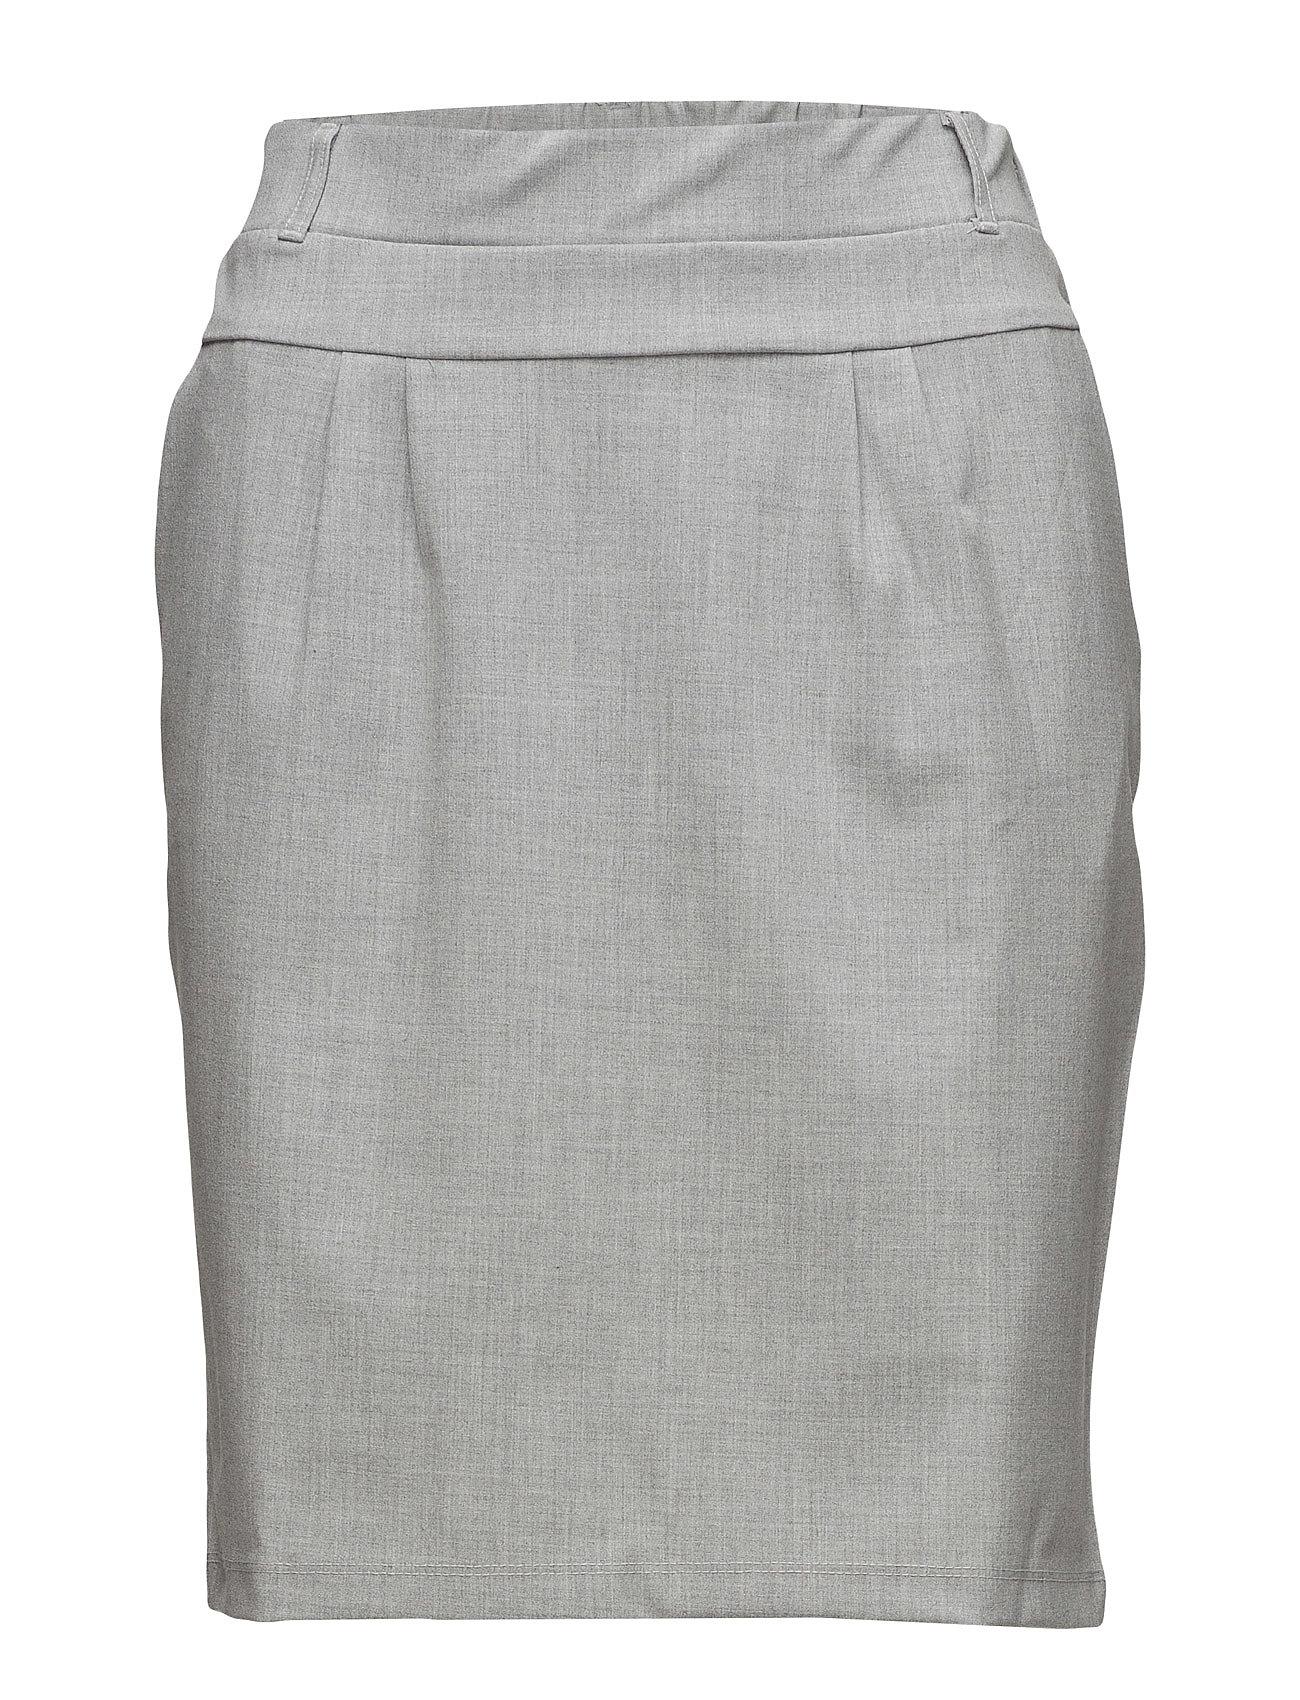 Kaffe Jillian Skirt - LIGHT GREY MELANGE